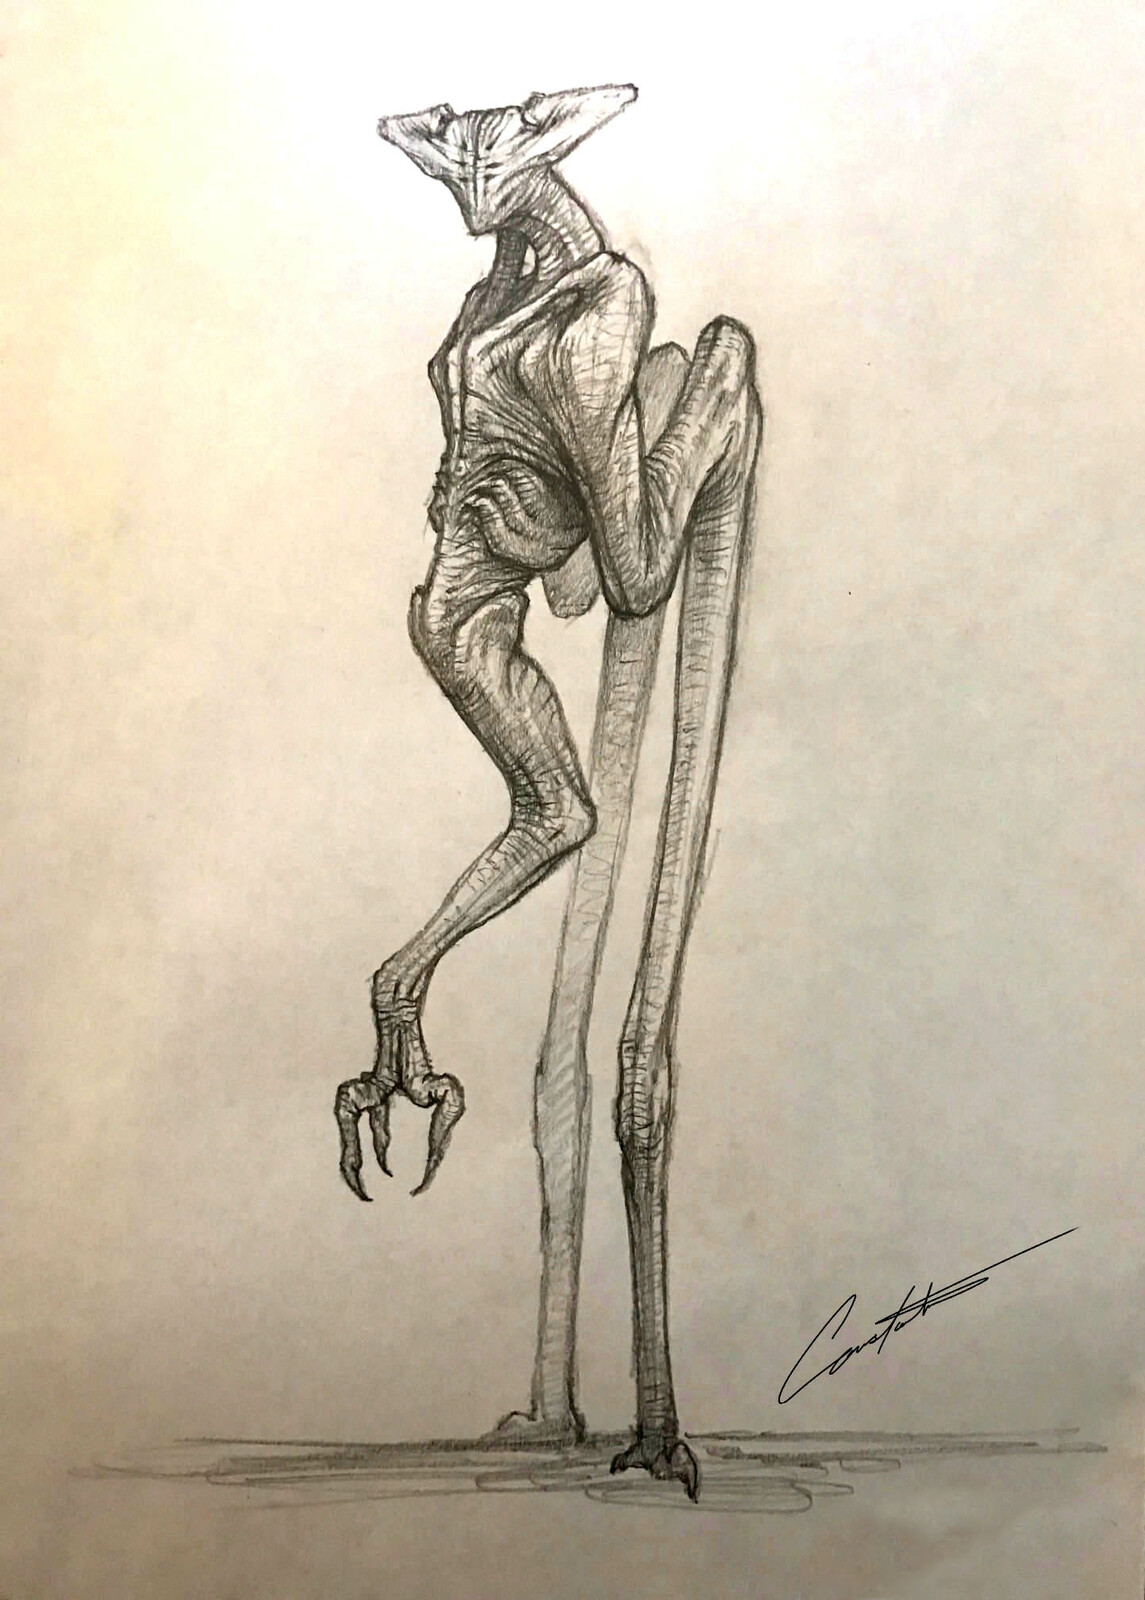 alien creature sketch